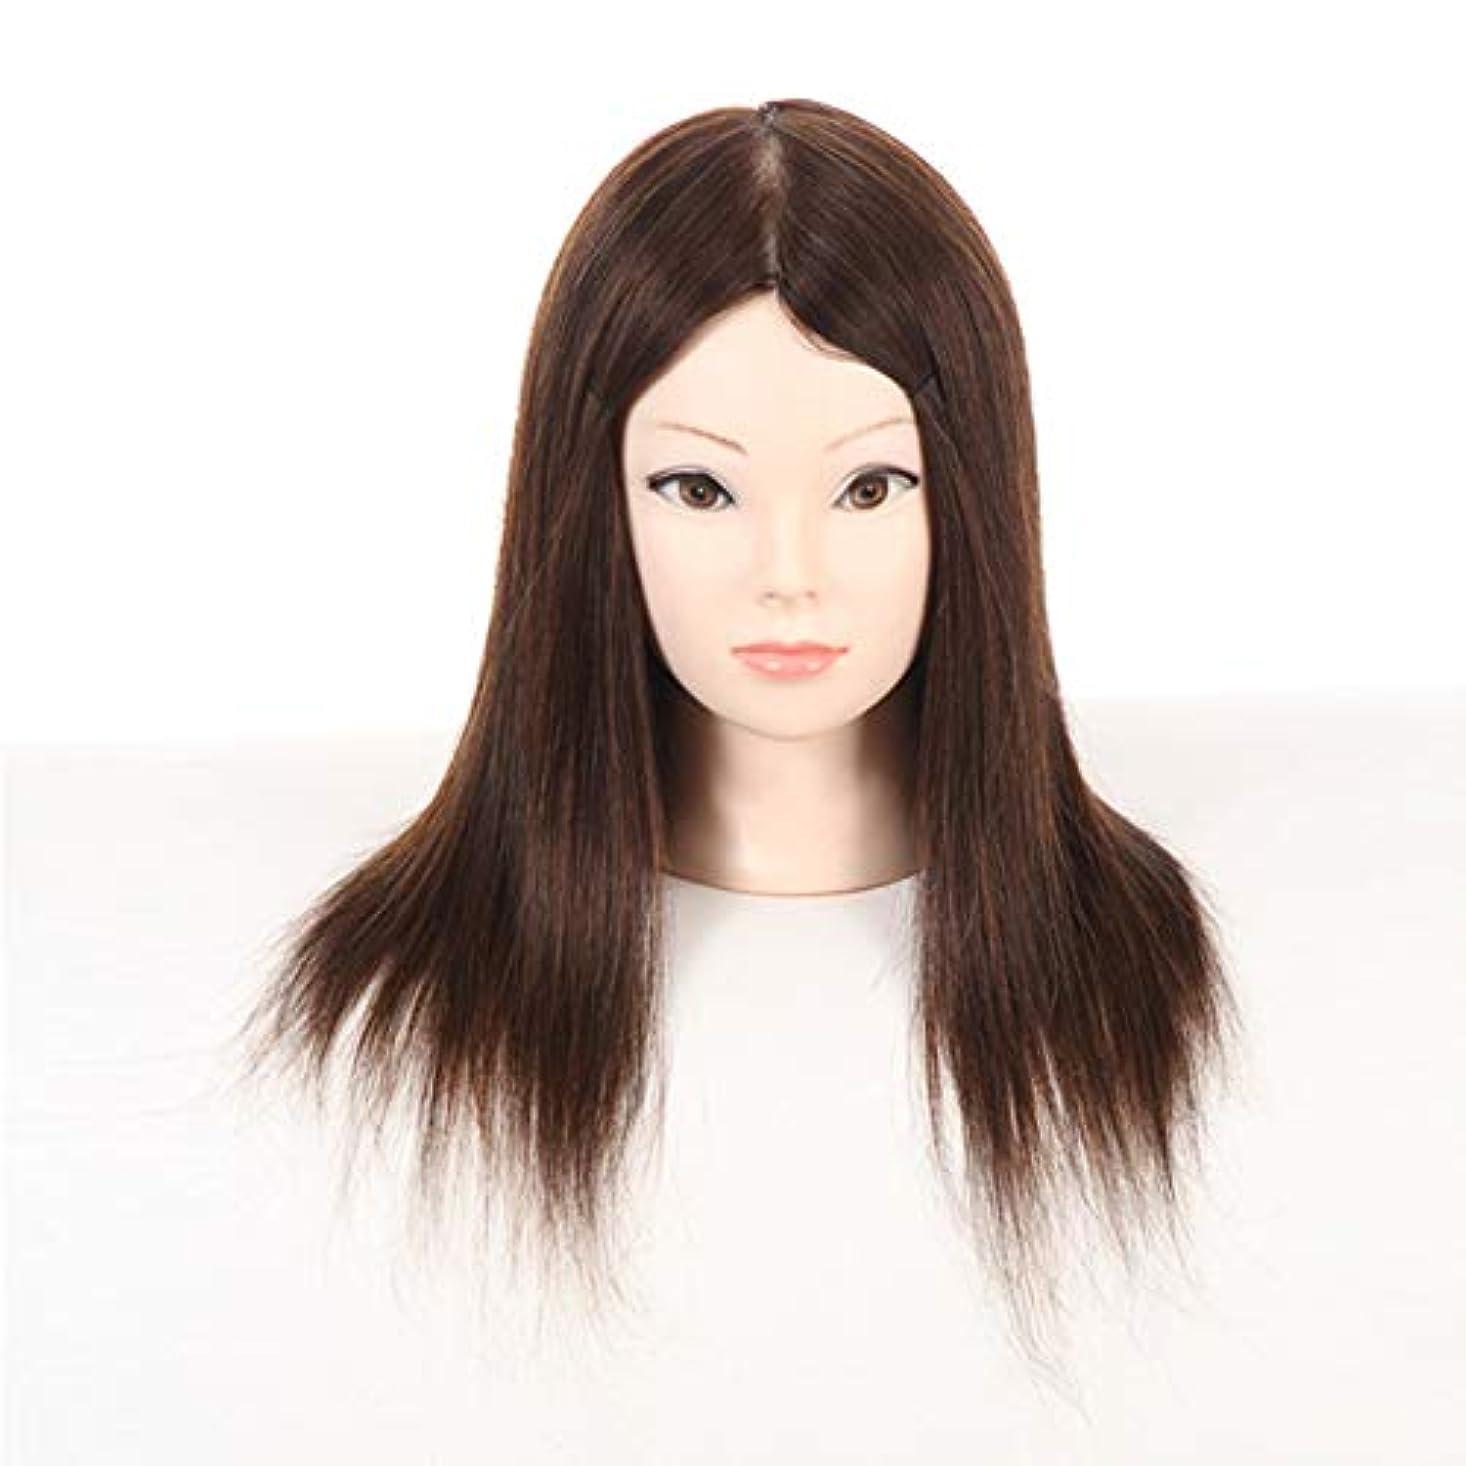 前者再編成する戦術本物の髪髪編組髪ヘアホット染料ヘッド型サロンモデリングウィッグエクササイズヘッド散髪学習ダミーヘッド